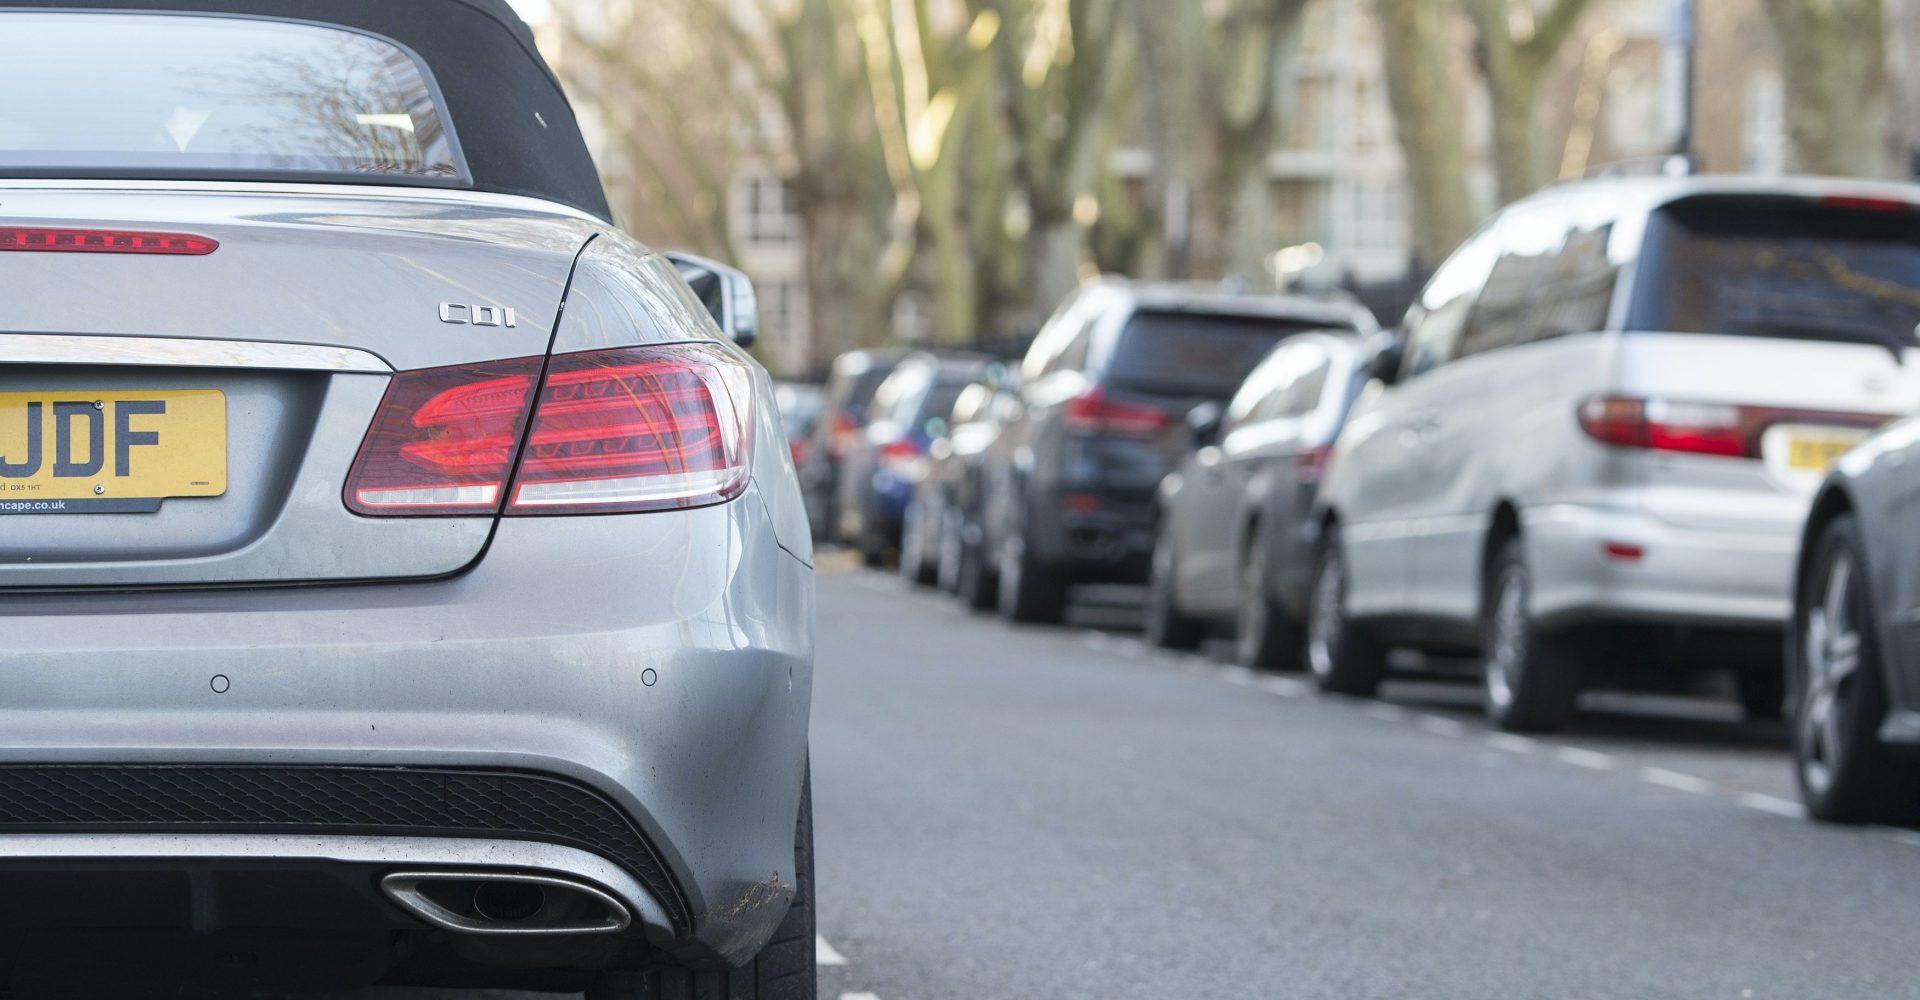 Birmingham tops list of hard to park UK cities